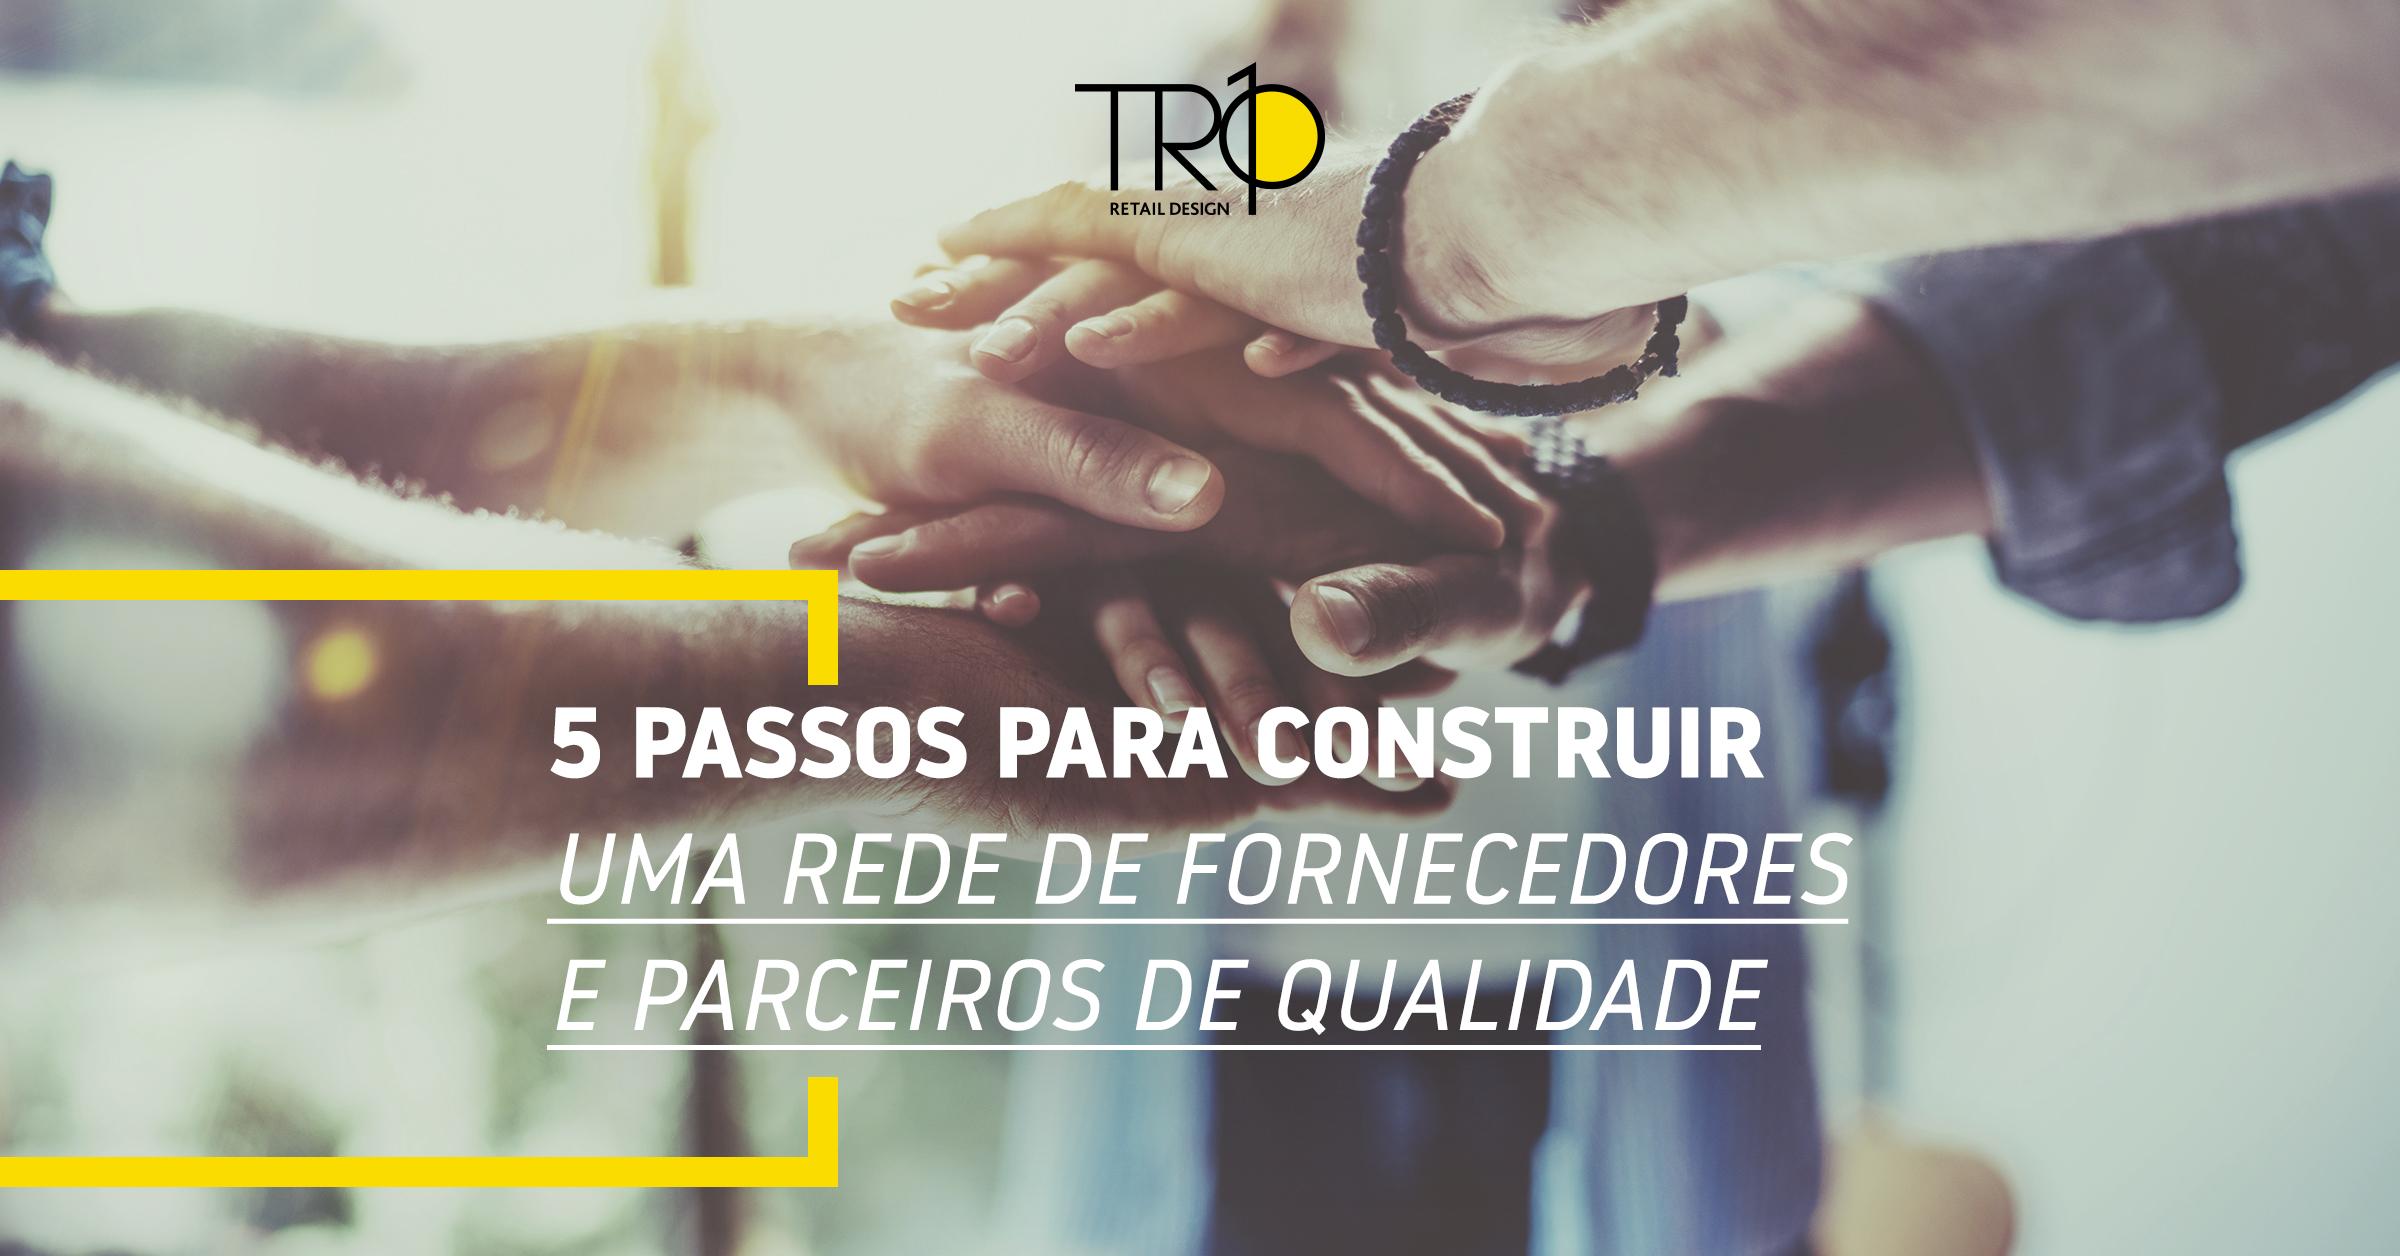 04-TR10-RedesSociais-Linkedin.jpg